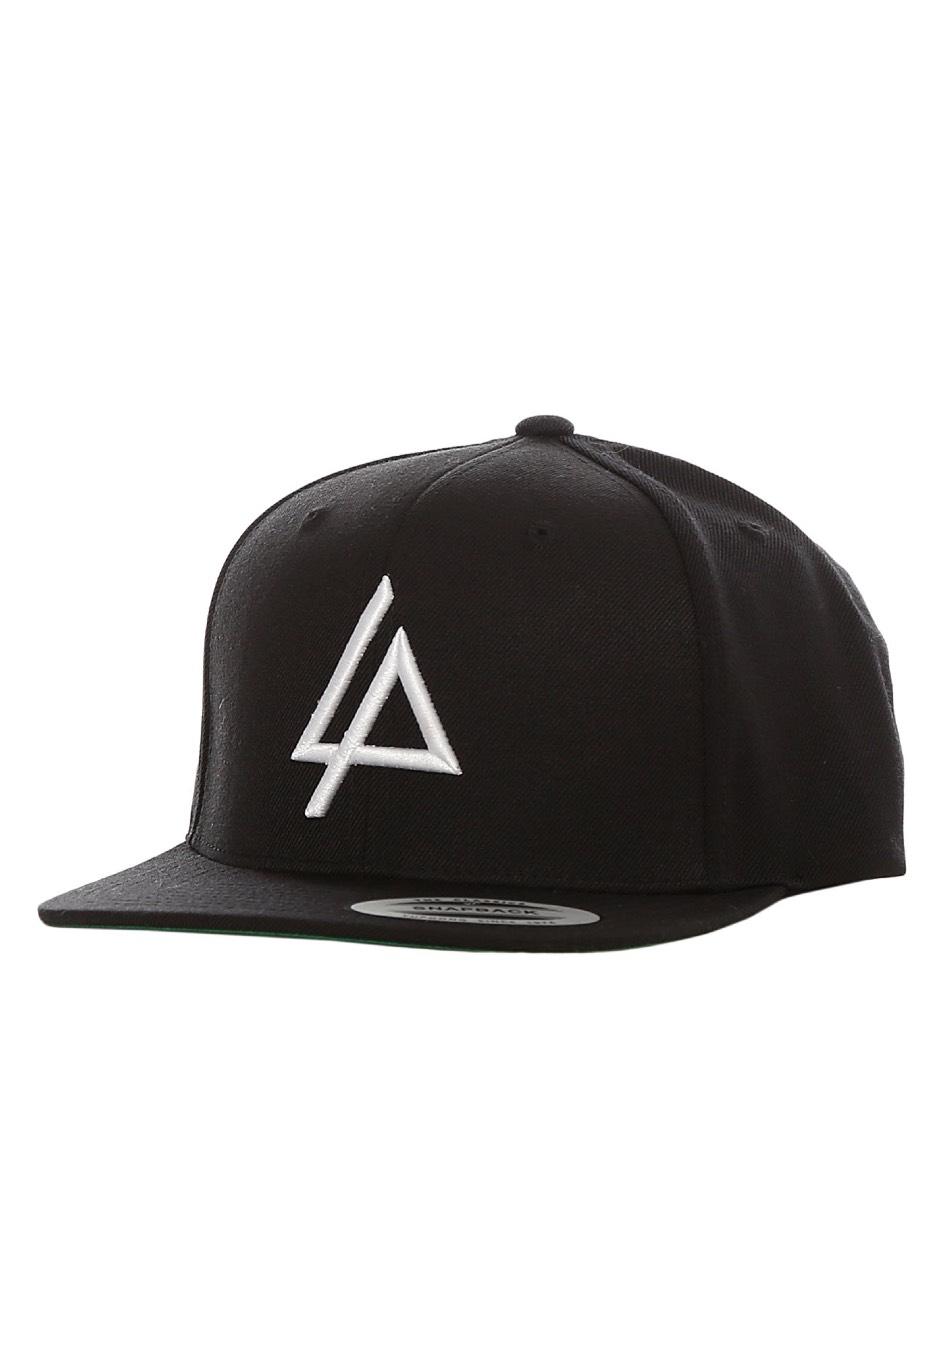 Linkin Park - Logo - Cap - Official Rap Merchandise Shop - Impericon.com  Worldwide 09681df06fb